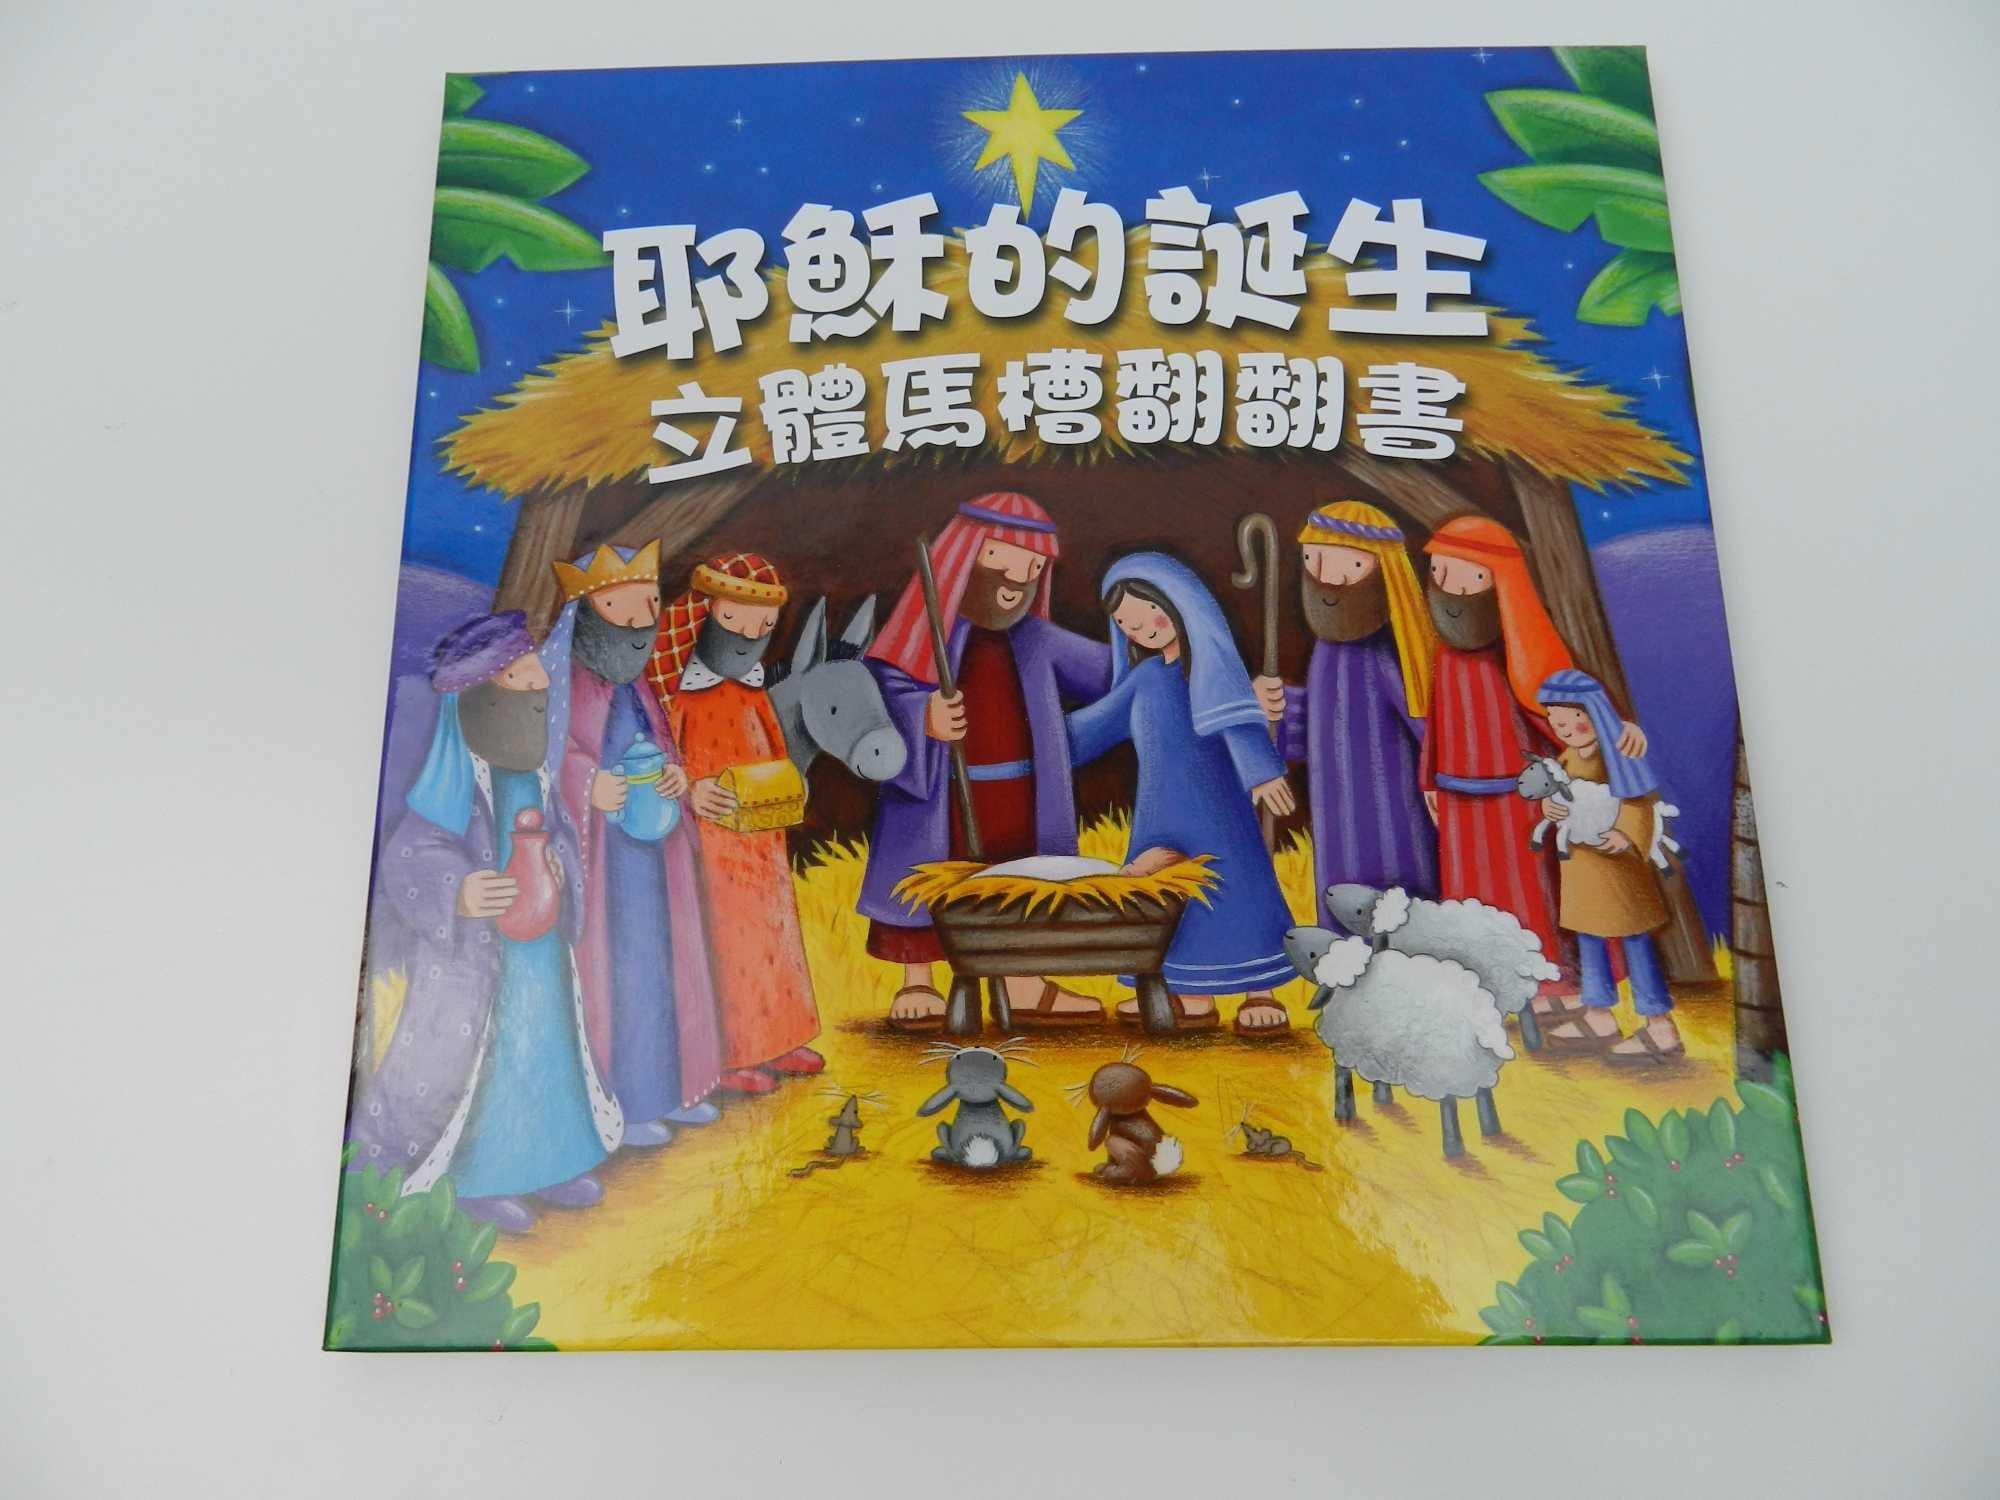 耶穌的誕生:立體馬槽翻翻書 / The Birth of Jesus: Manger Pop-Up Book / Chinese Language Children's Bible Storybook / Traditional Chinese Script pdf epub